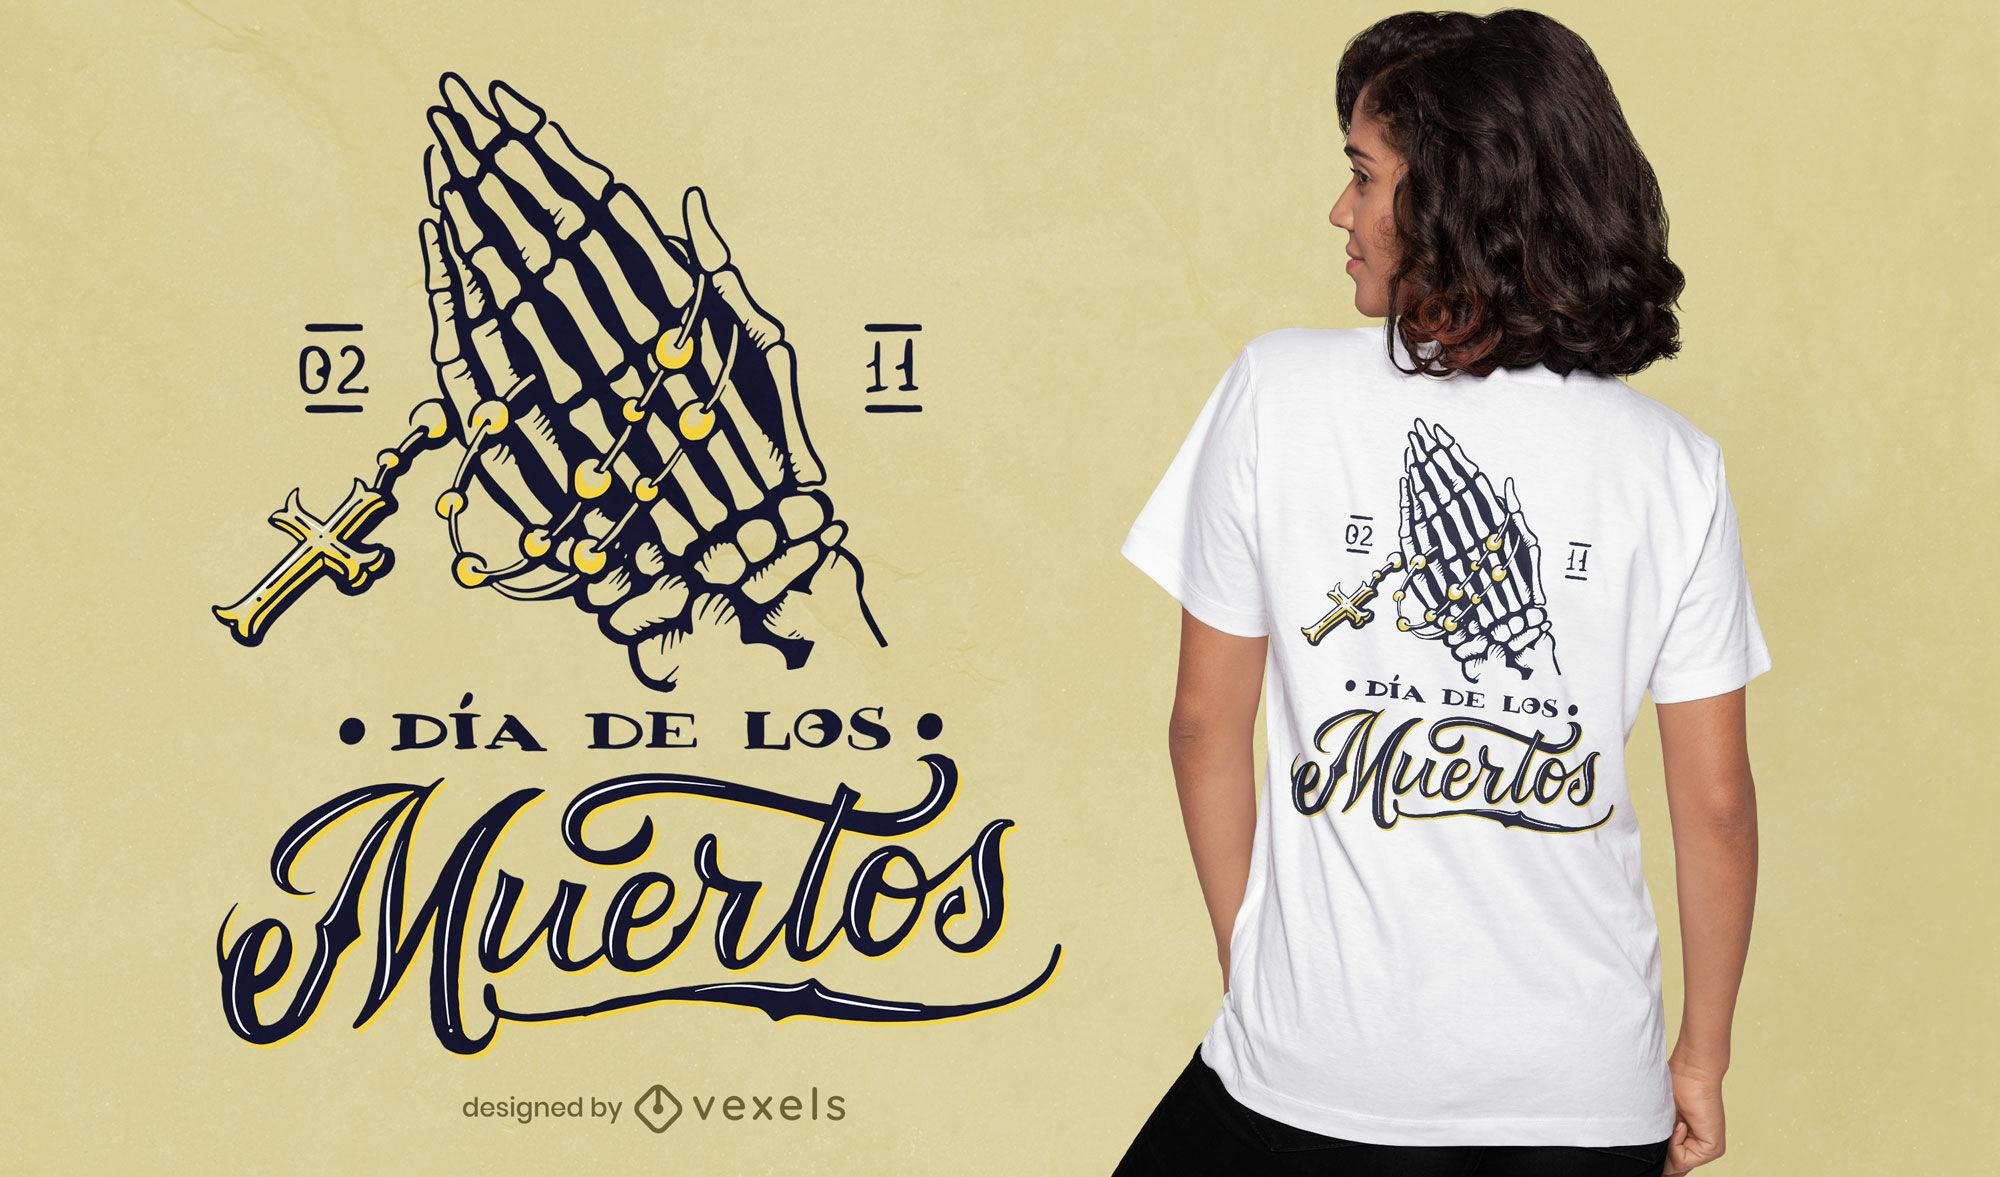 Skeleton hands holding cross t-shirt design